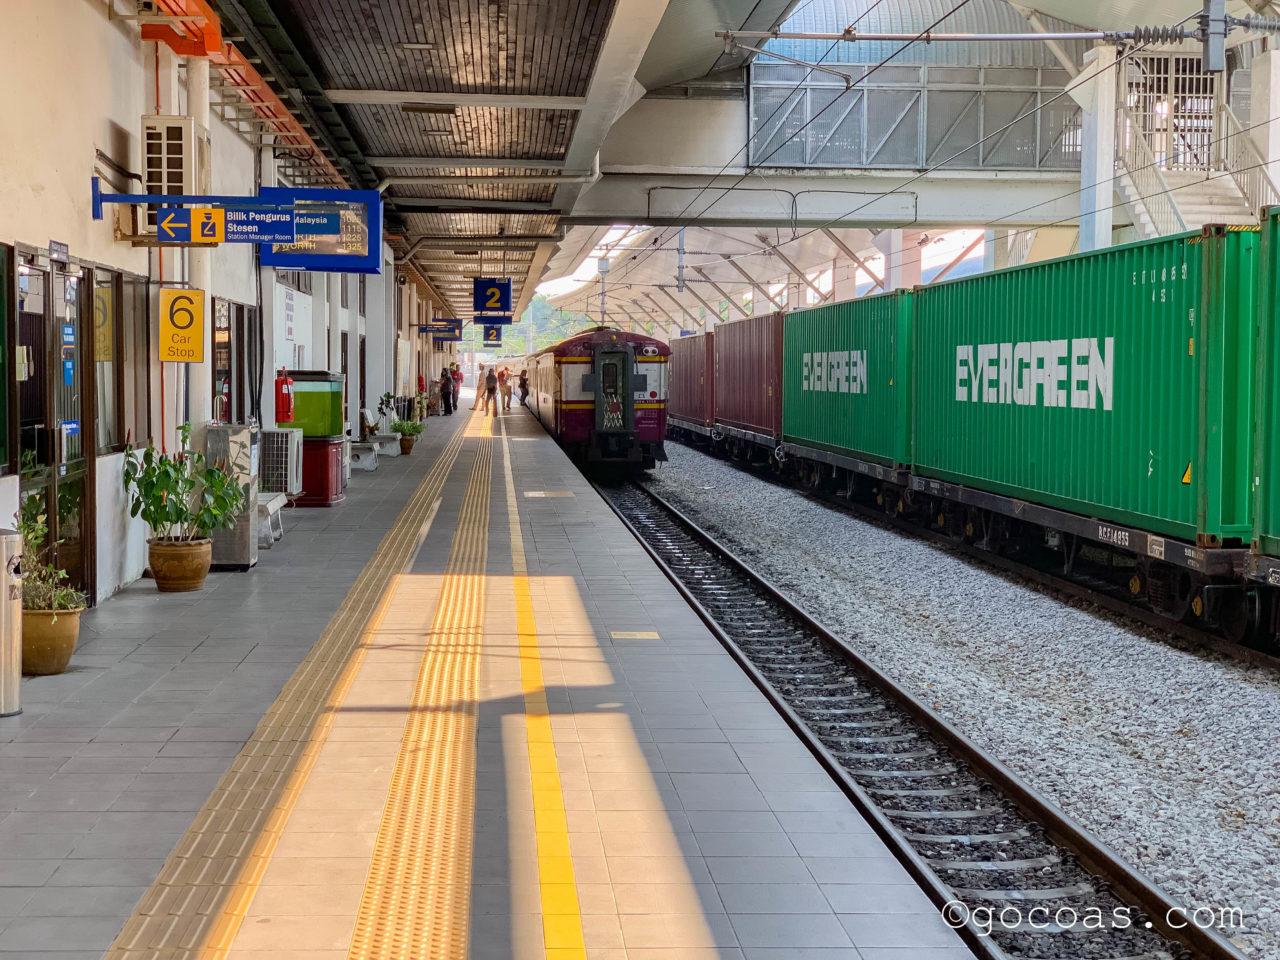 Padang Besar駅のButtrerworth行きの電車のホーム